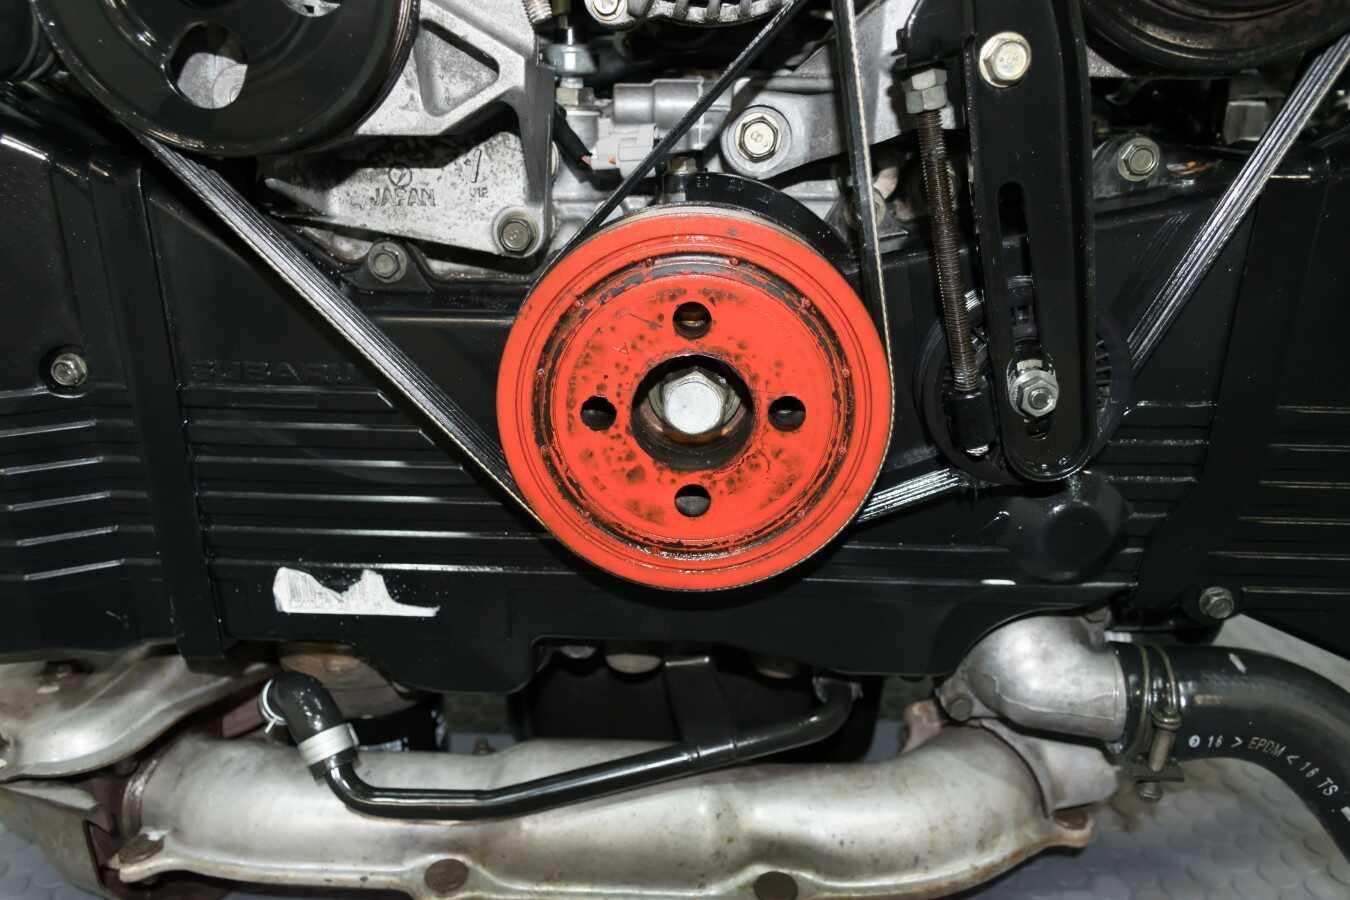 Jdm Ej207 Engine Version 7 Ej22 22l Stroker By Tommy Kaira Built Subaru Wiring Harness 1136 Dsc 0004